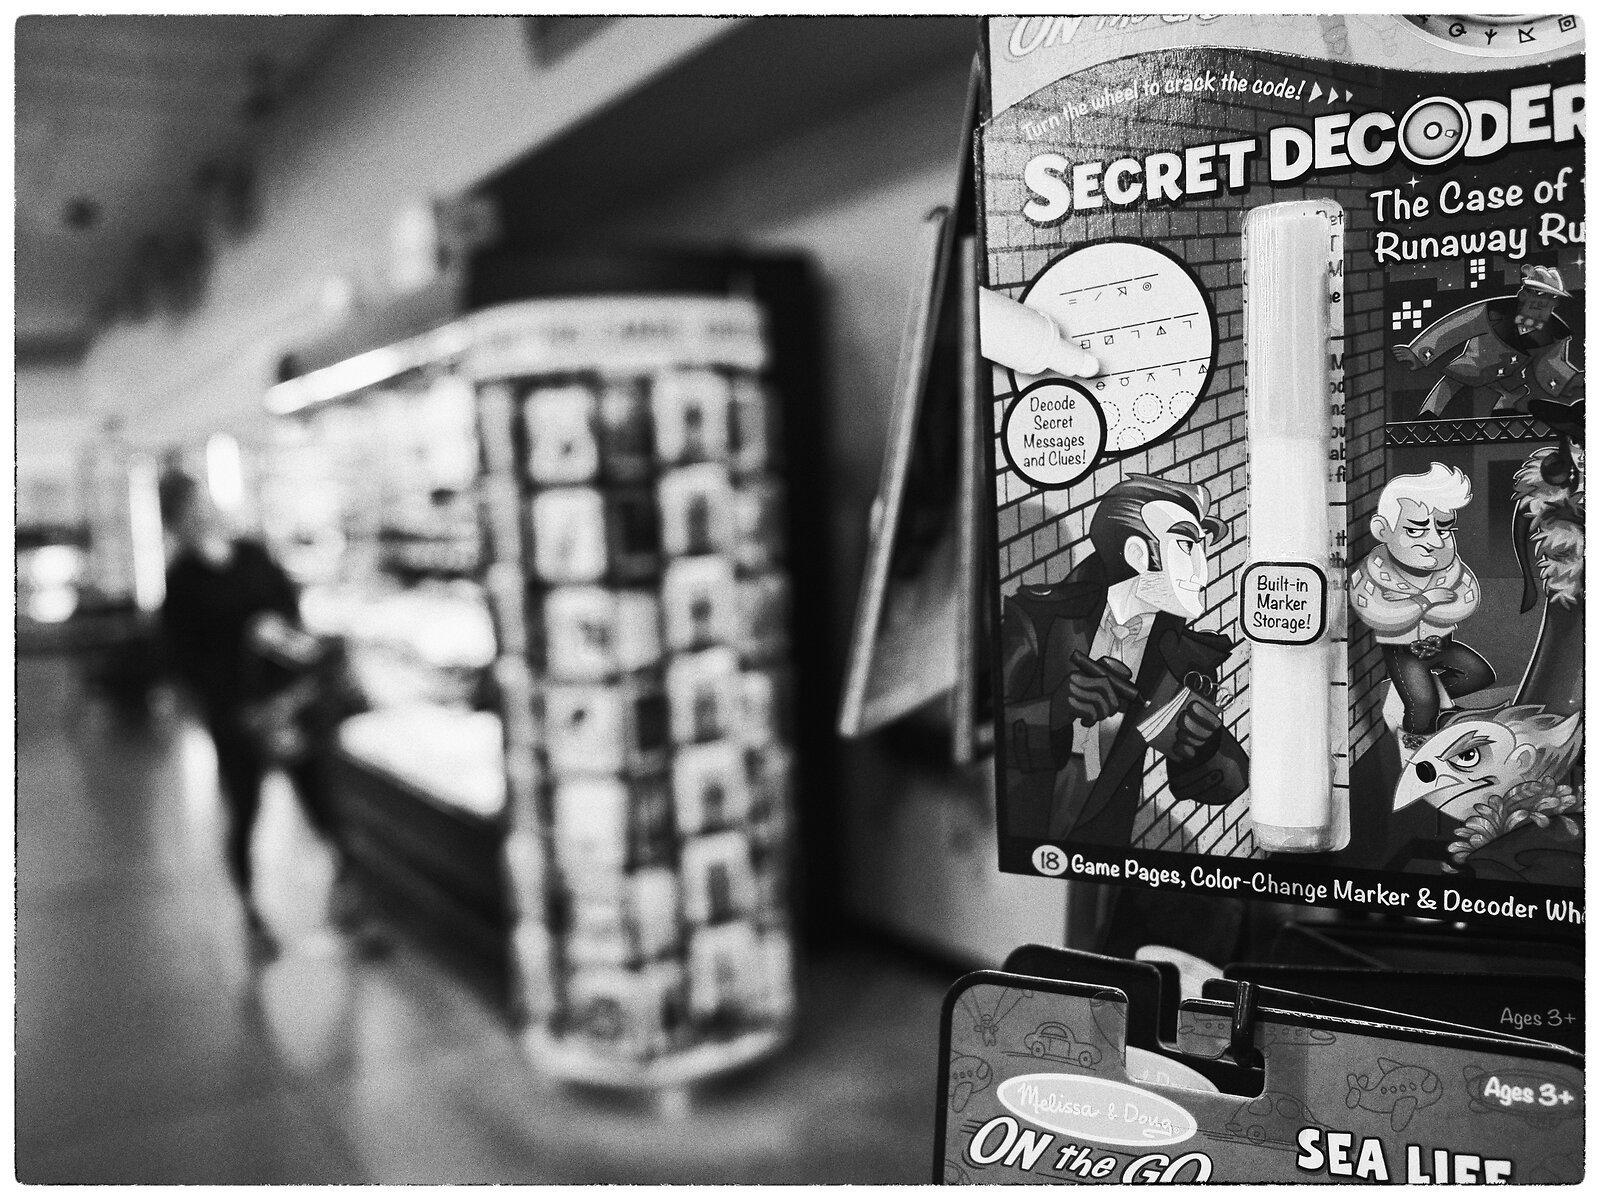 GX9_Jun9_21_Secret_Decoder.jpg